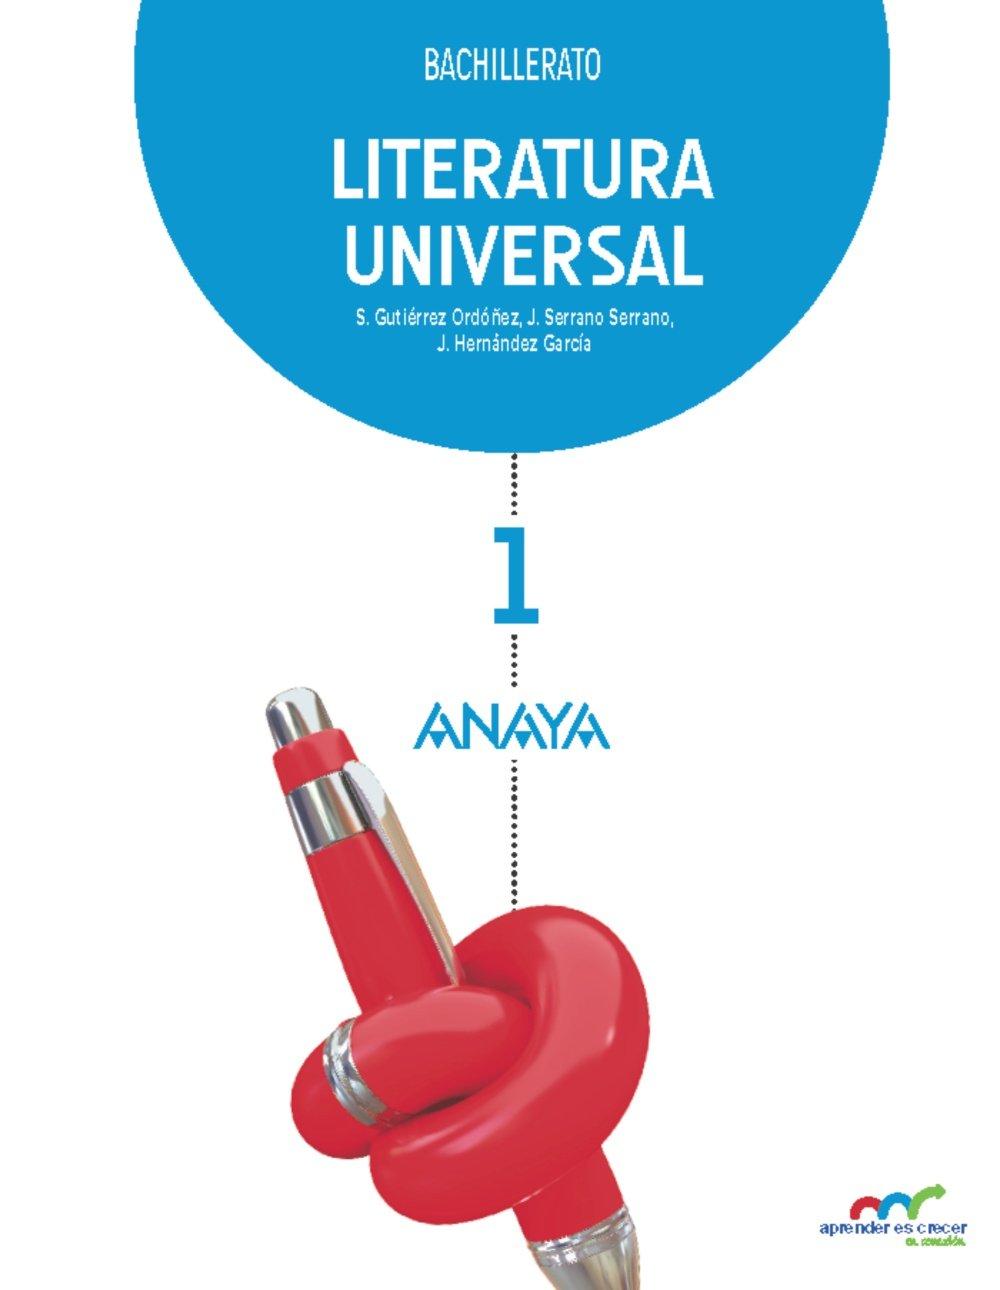 Literatura Universal 1. Aprender es crecer en conexión - 9788467831221: Amazon.es: Gutiérrez Ordóñez, Salvador, Serrano Serrano, Joaquín, Hernández García, Jesús: Libros